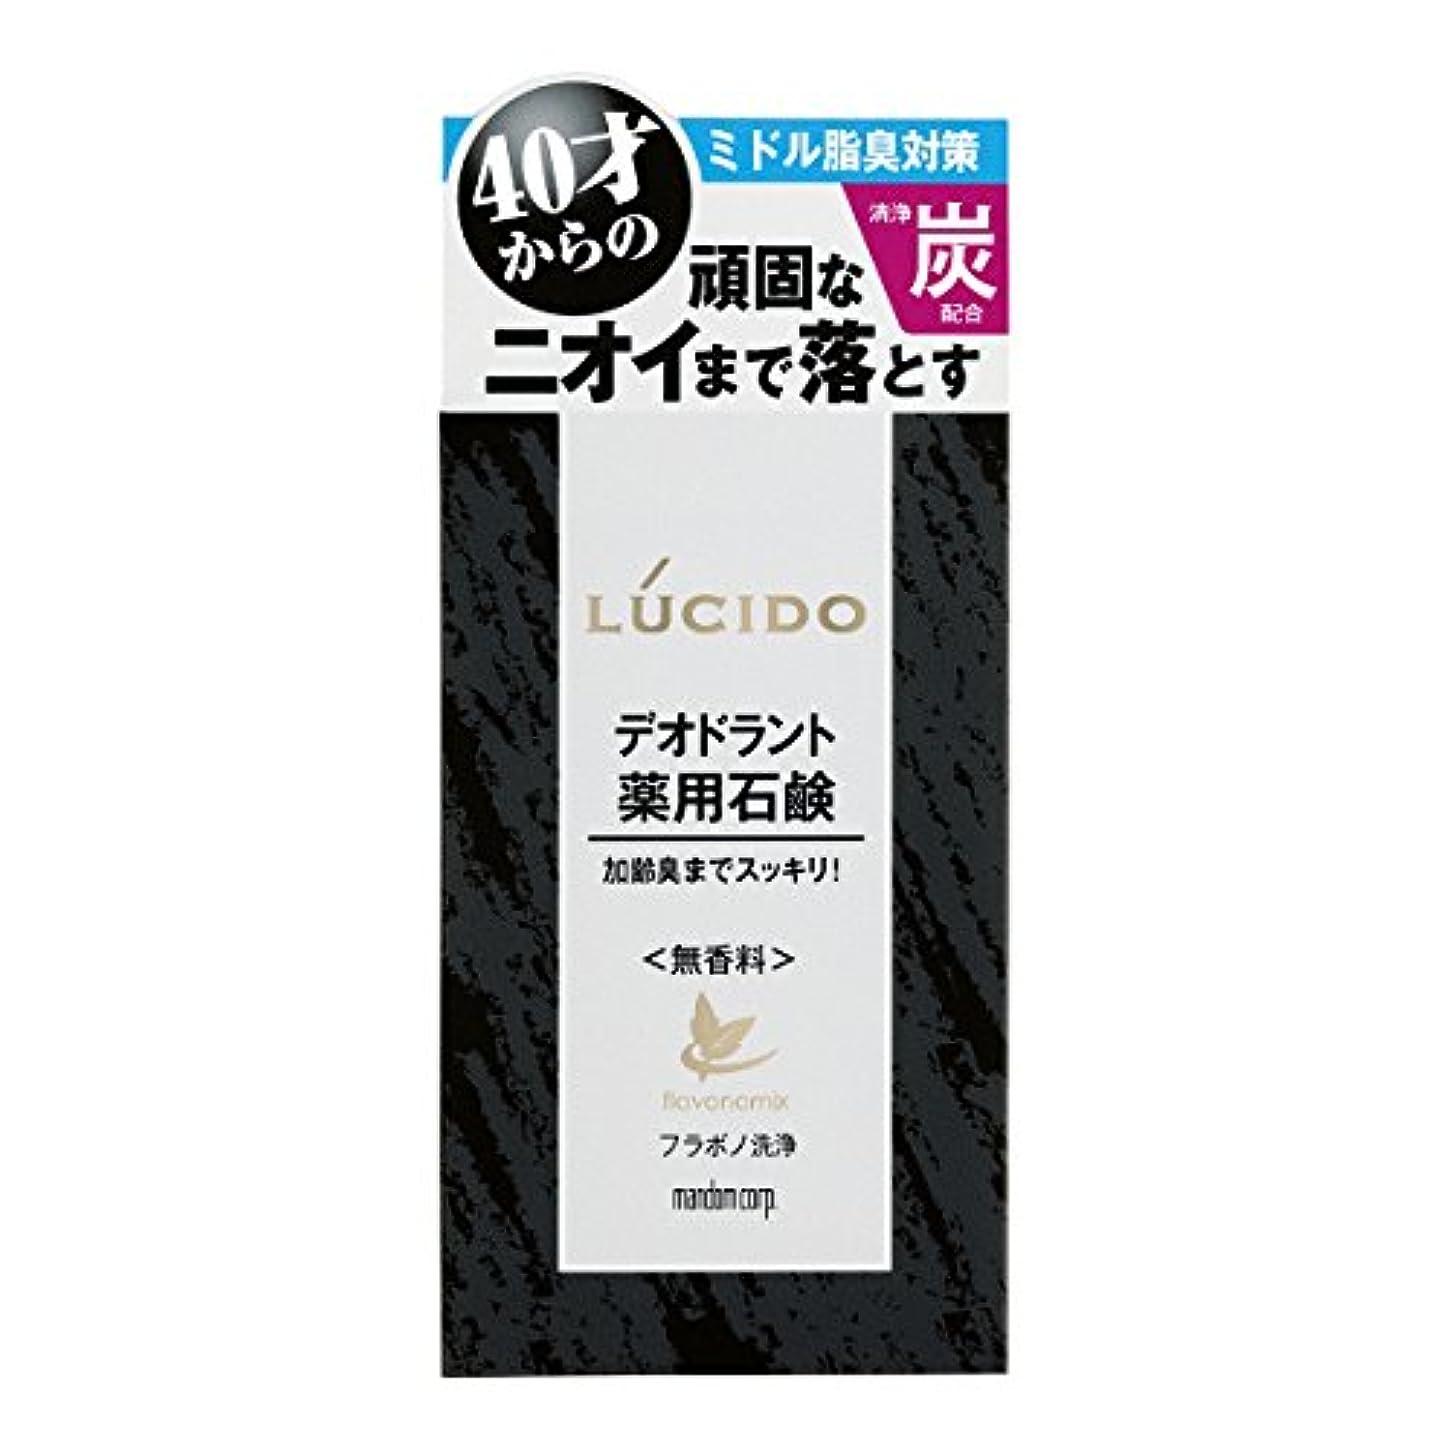 ロードされたポンペイフォーカスルシード 薬用デオドラント石鹸 100g(医薬部外品)